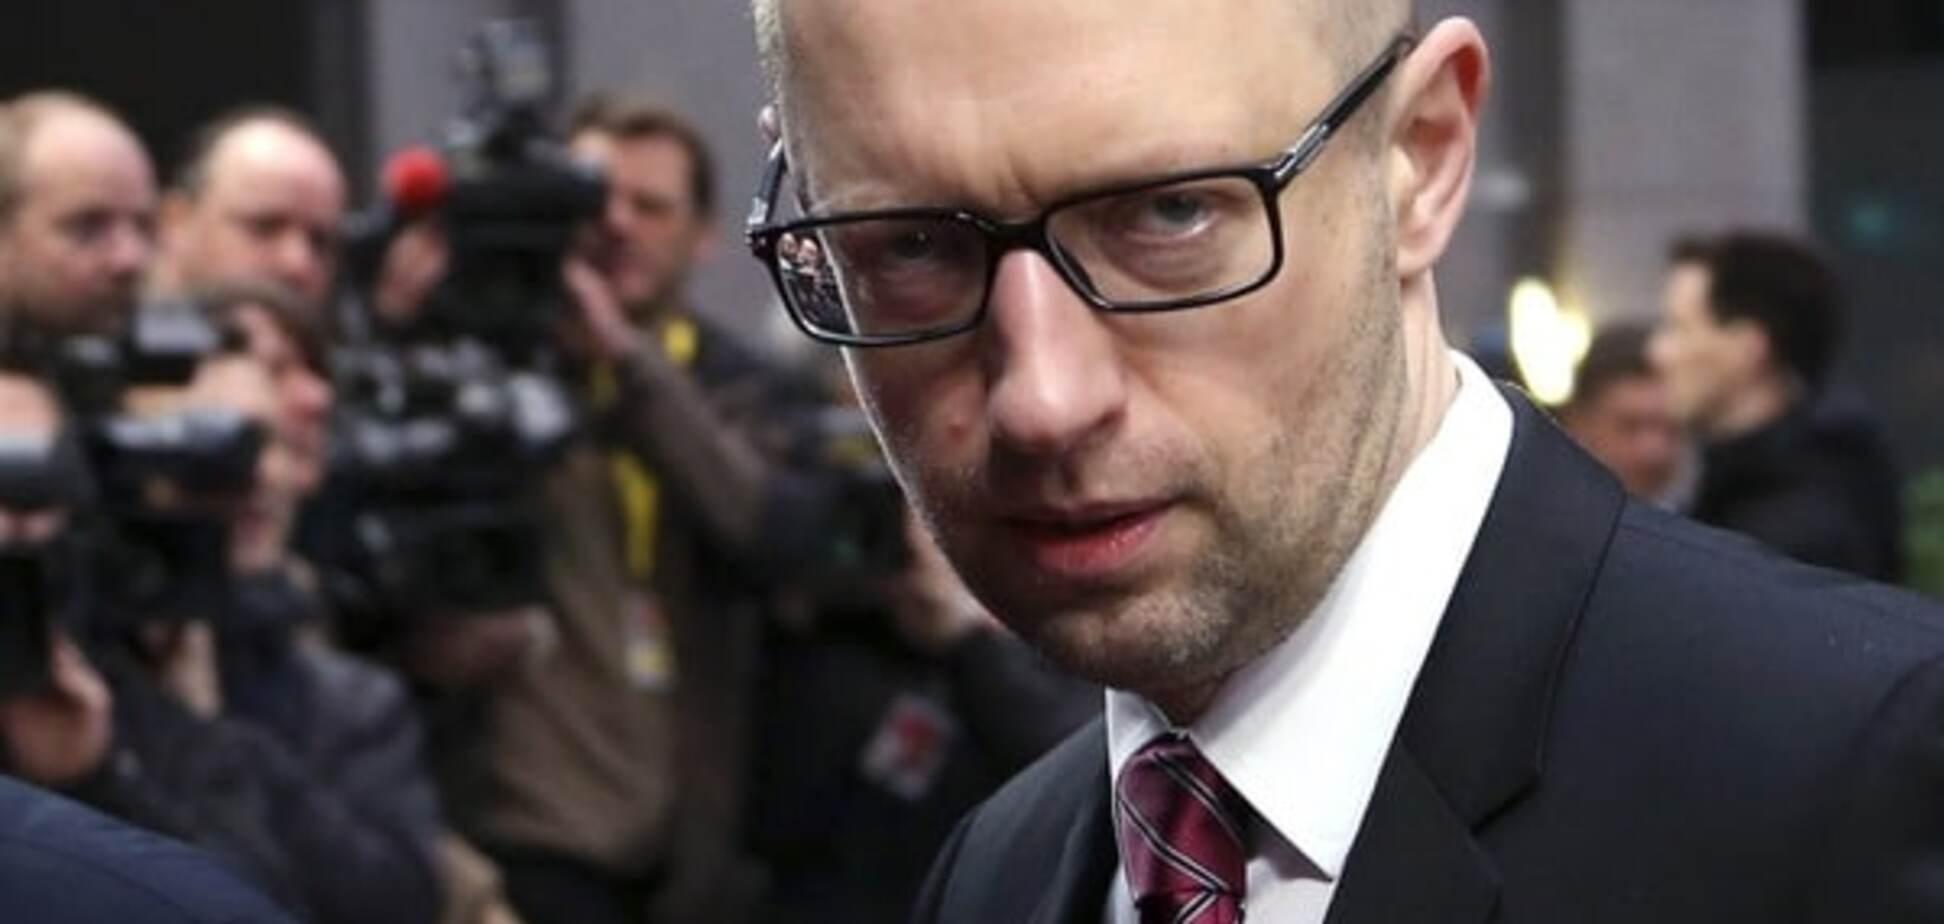 Щоб усі боялись, щоб не насміхались: українці підшукали Яценюку роботу в Росії